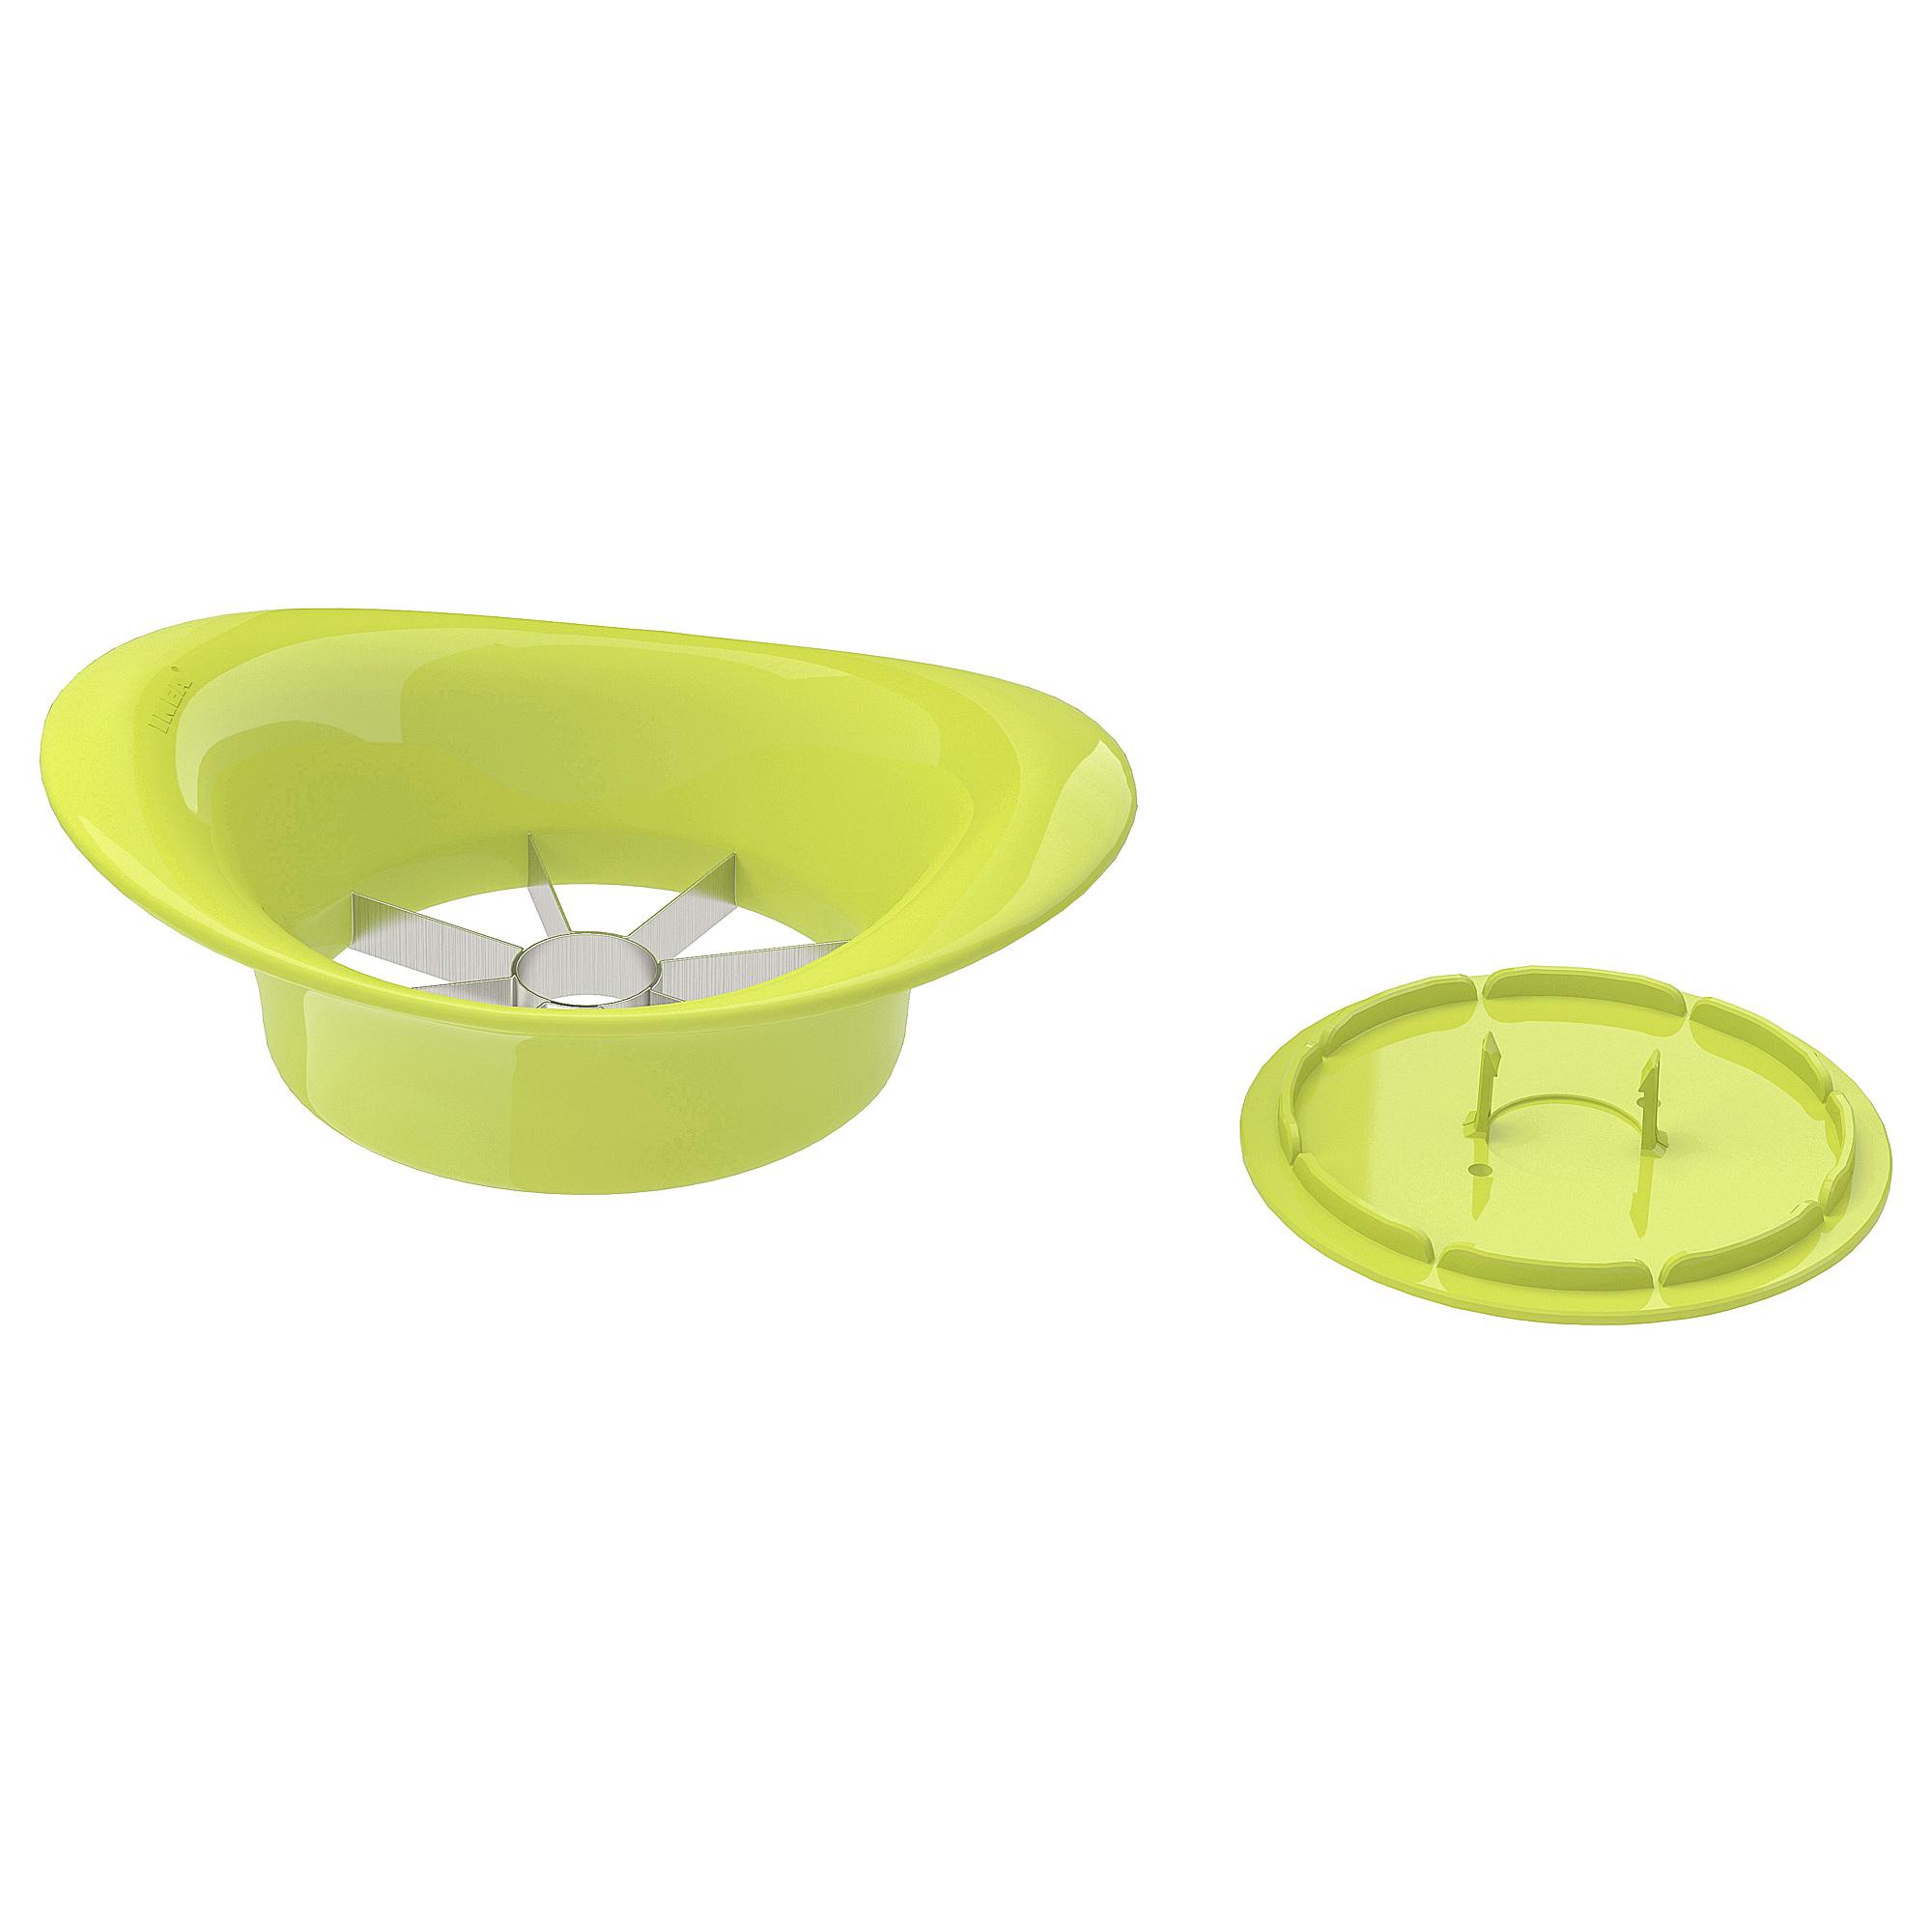 SPRITTA Exprimidor, transparente, amarillo ac inox IKEA